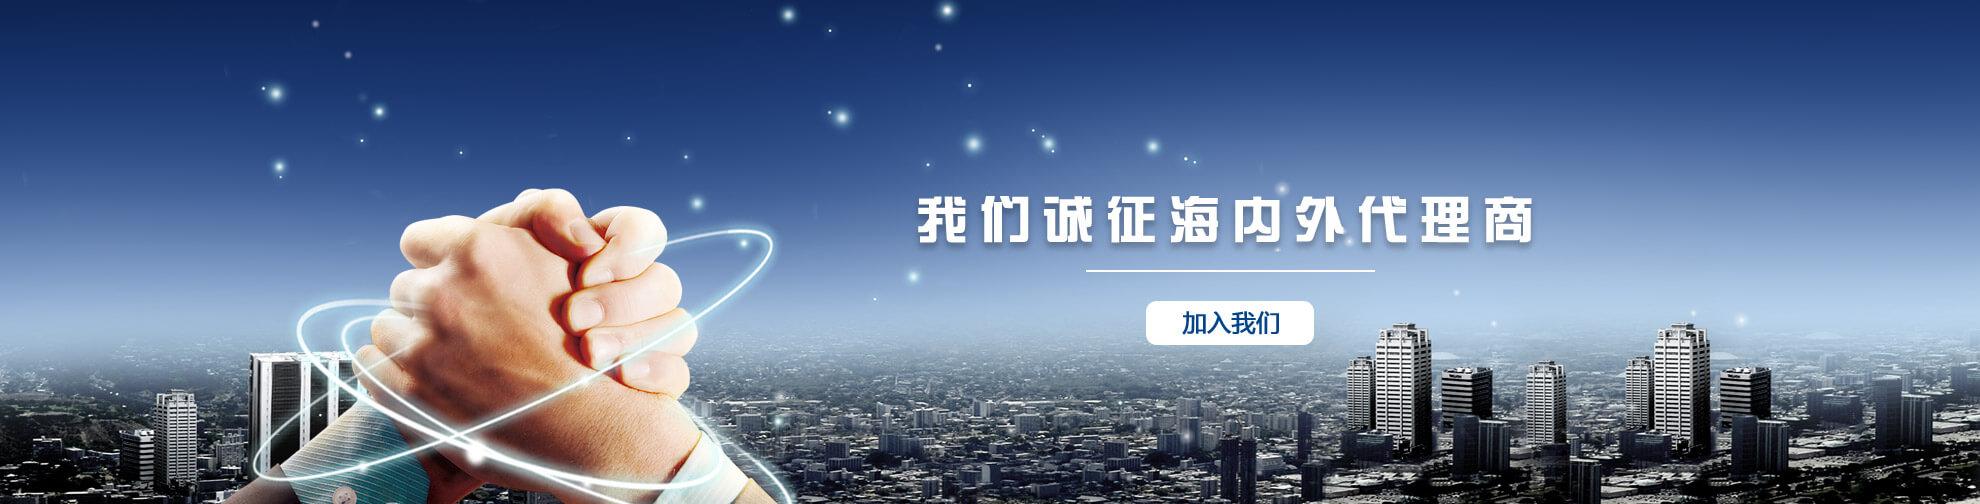 浙江福莱斯伯光电科技有限公司